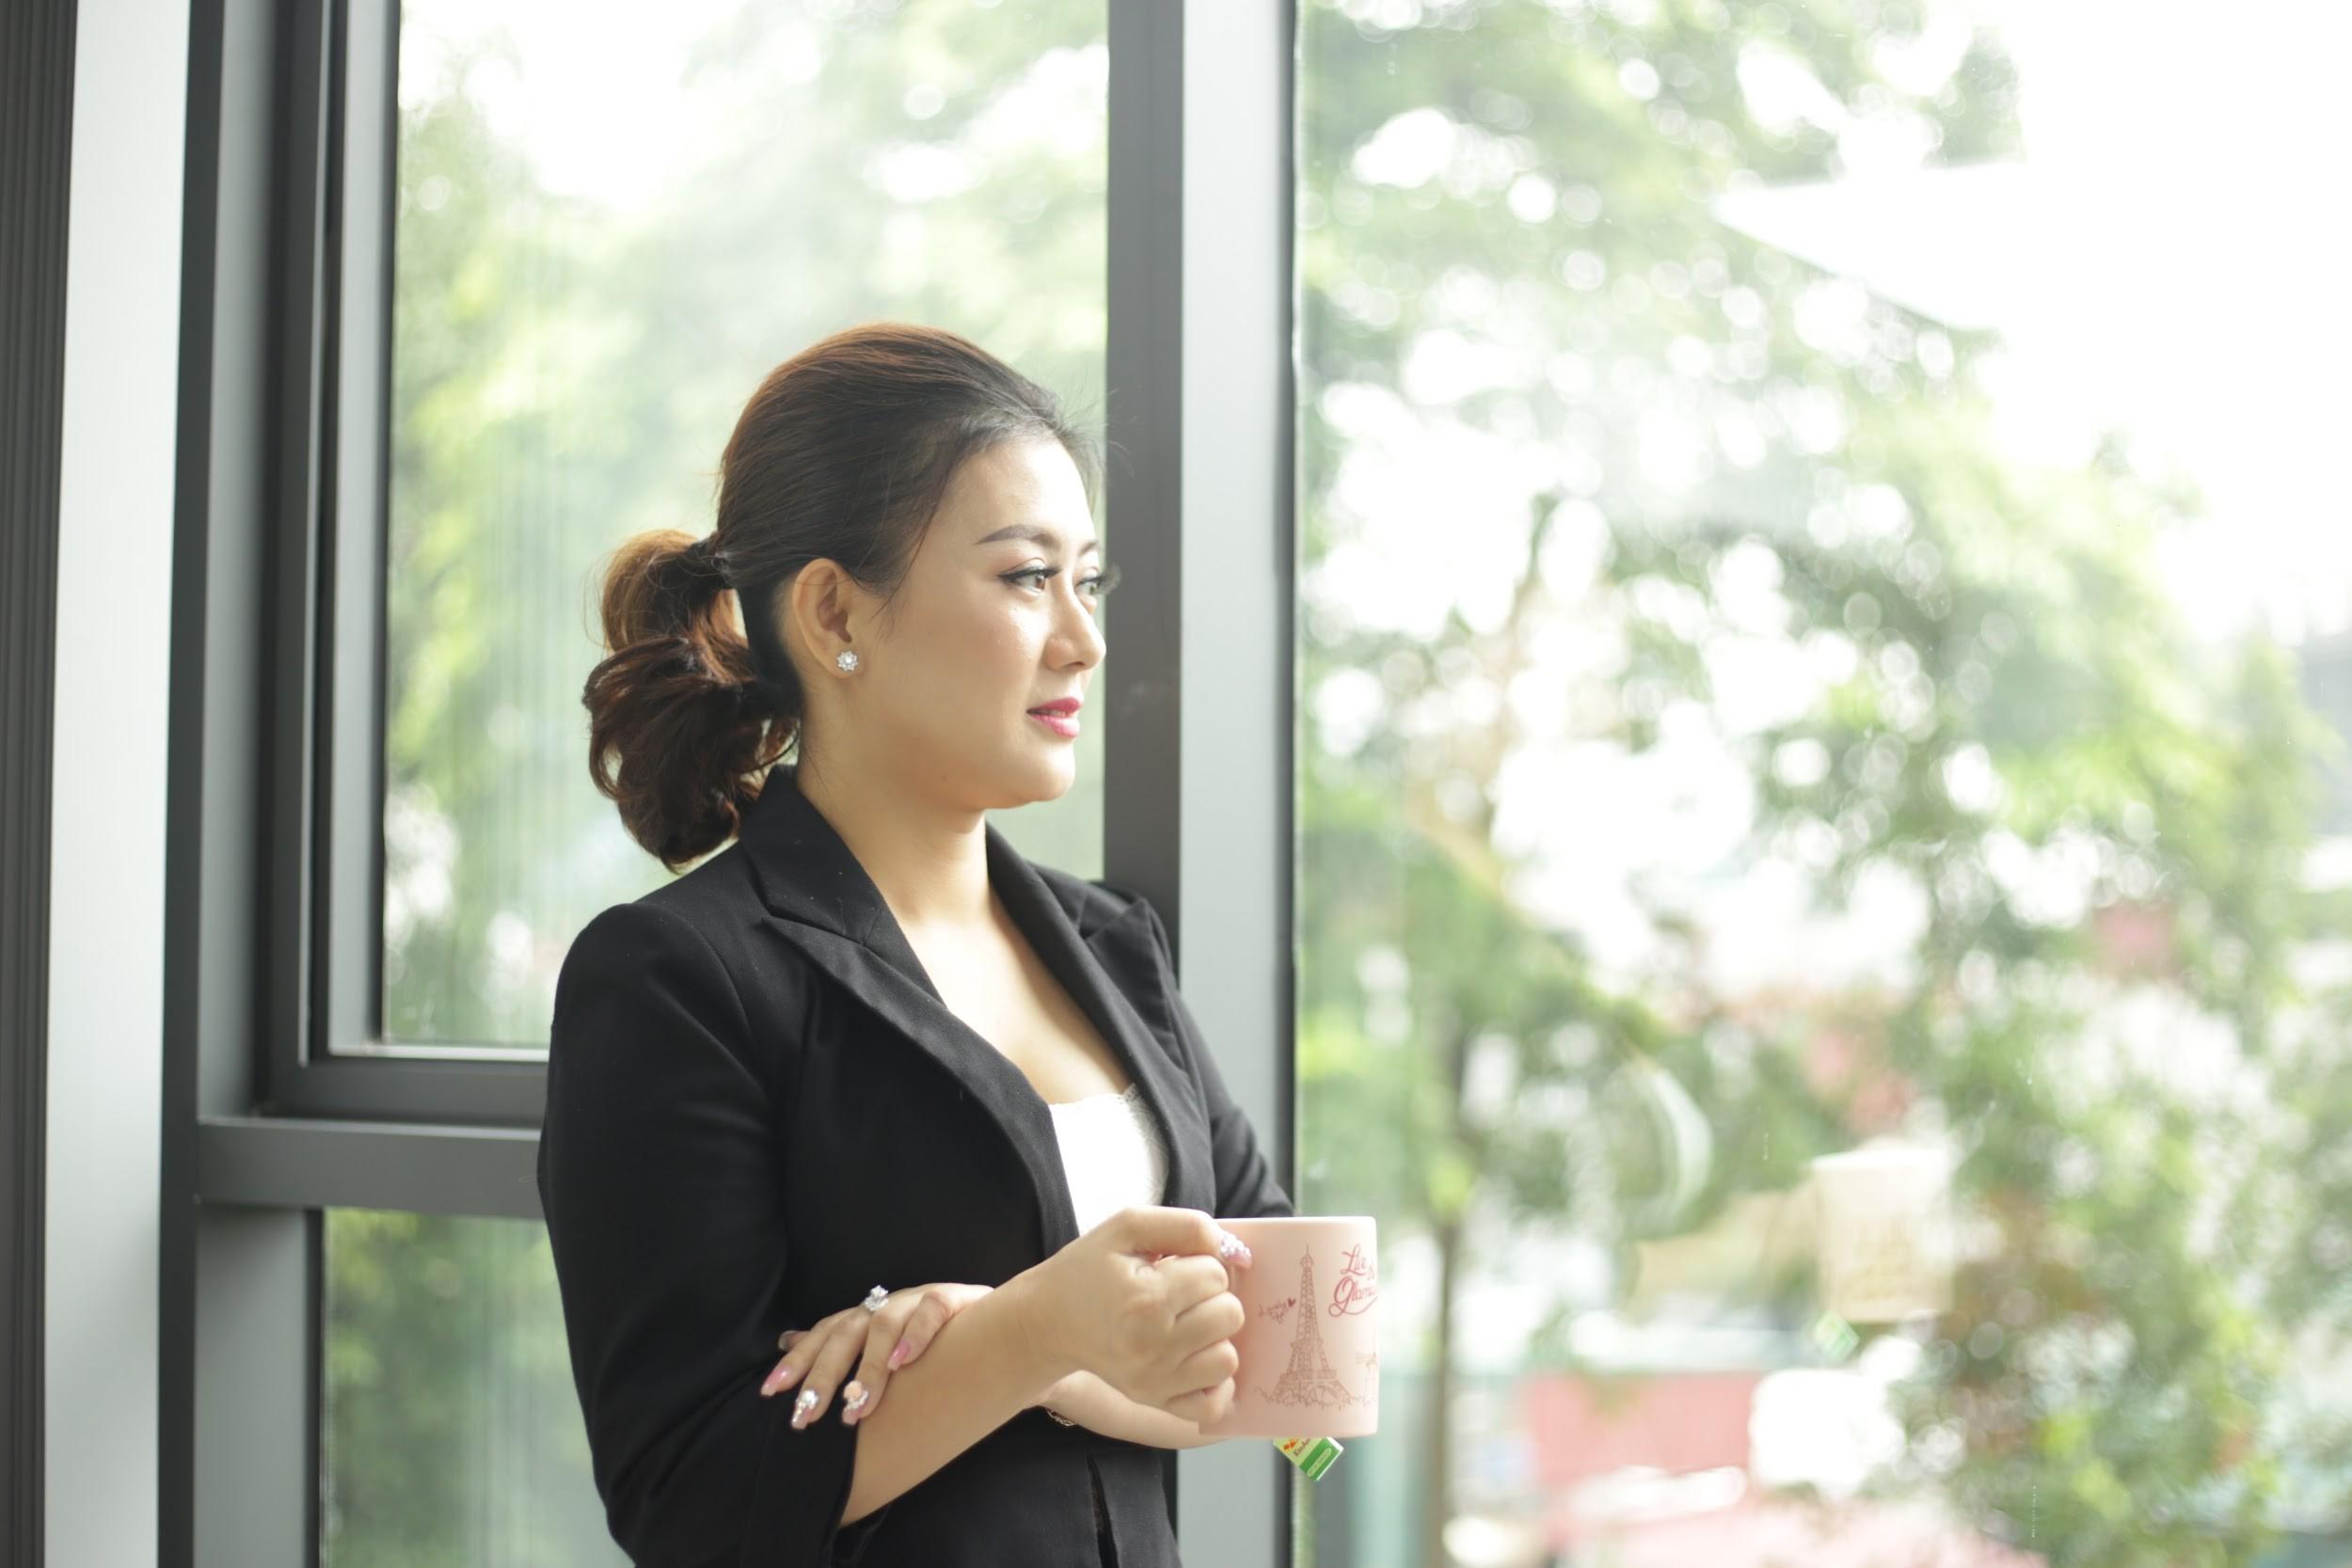 Khúc Thị Phương Thúy - Nữ thuyền trưởng và mối tình 15 năm dành cho Thẩm mỹ Việt - Ảnh 8